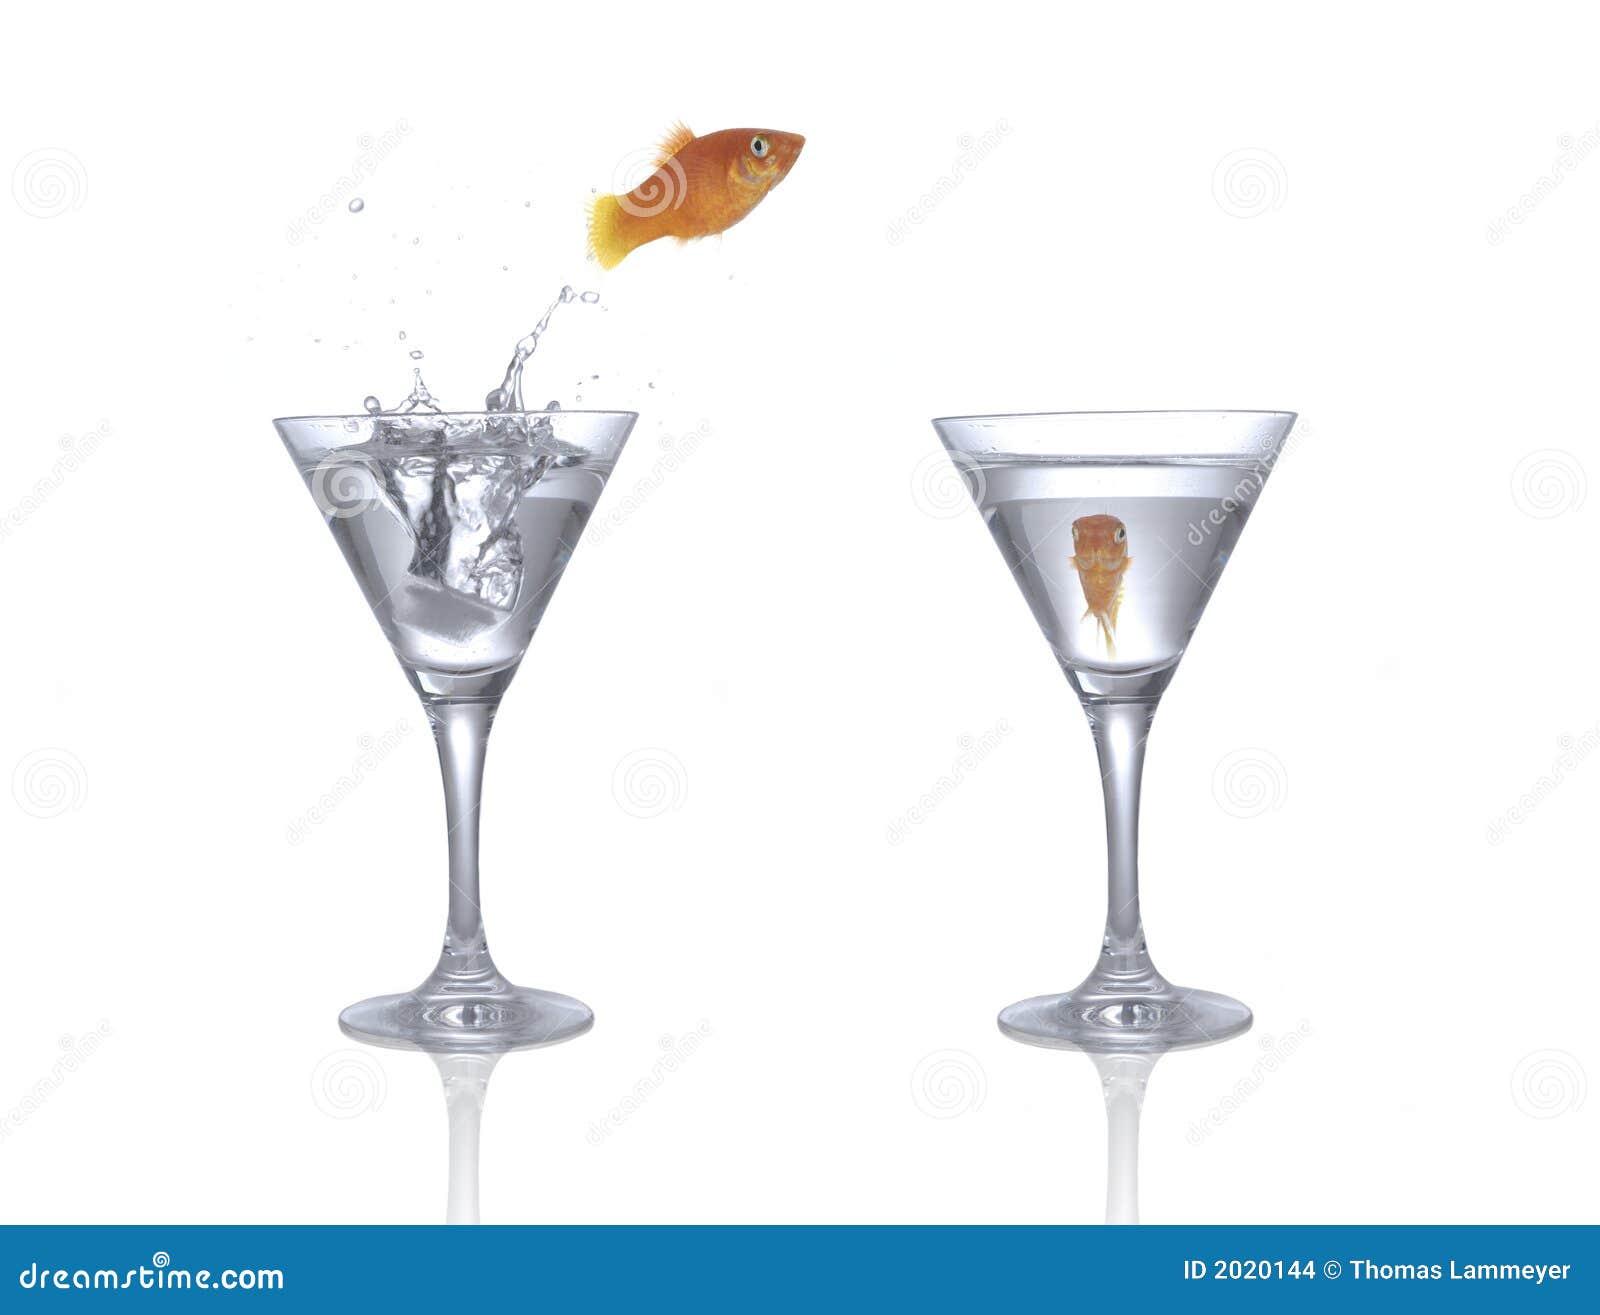 Springender Goldfish